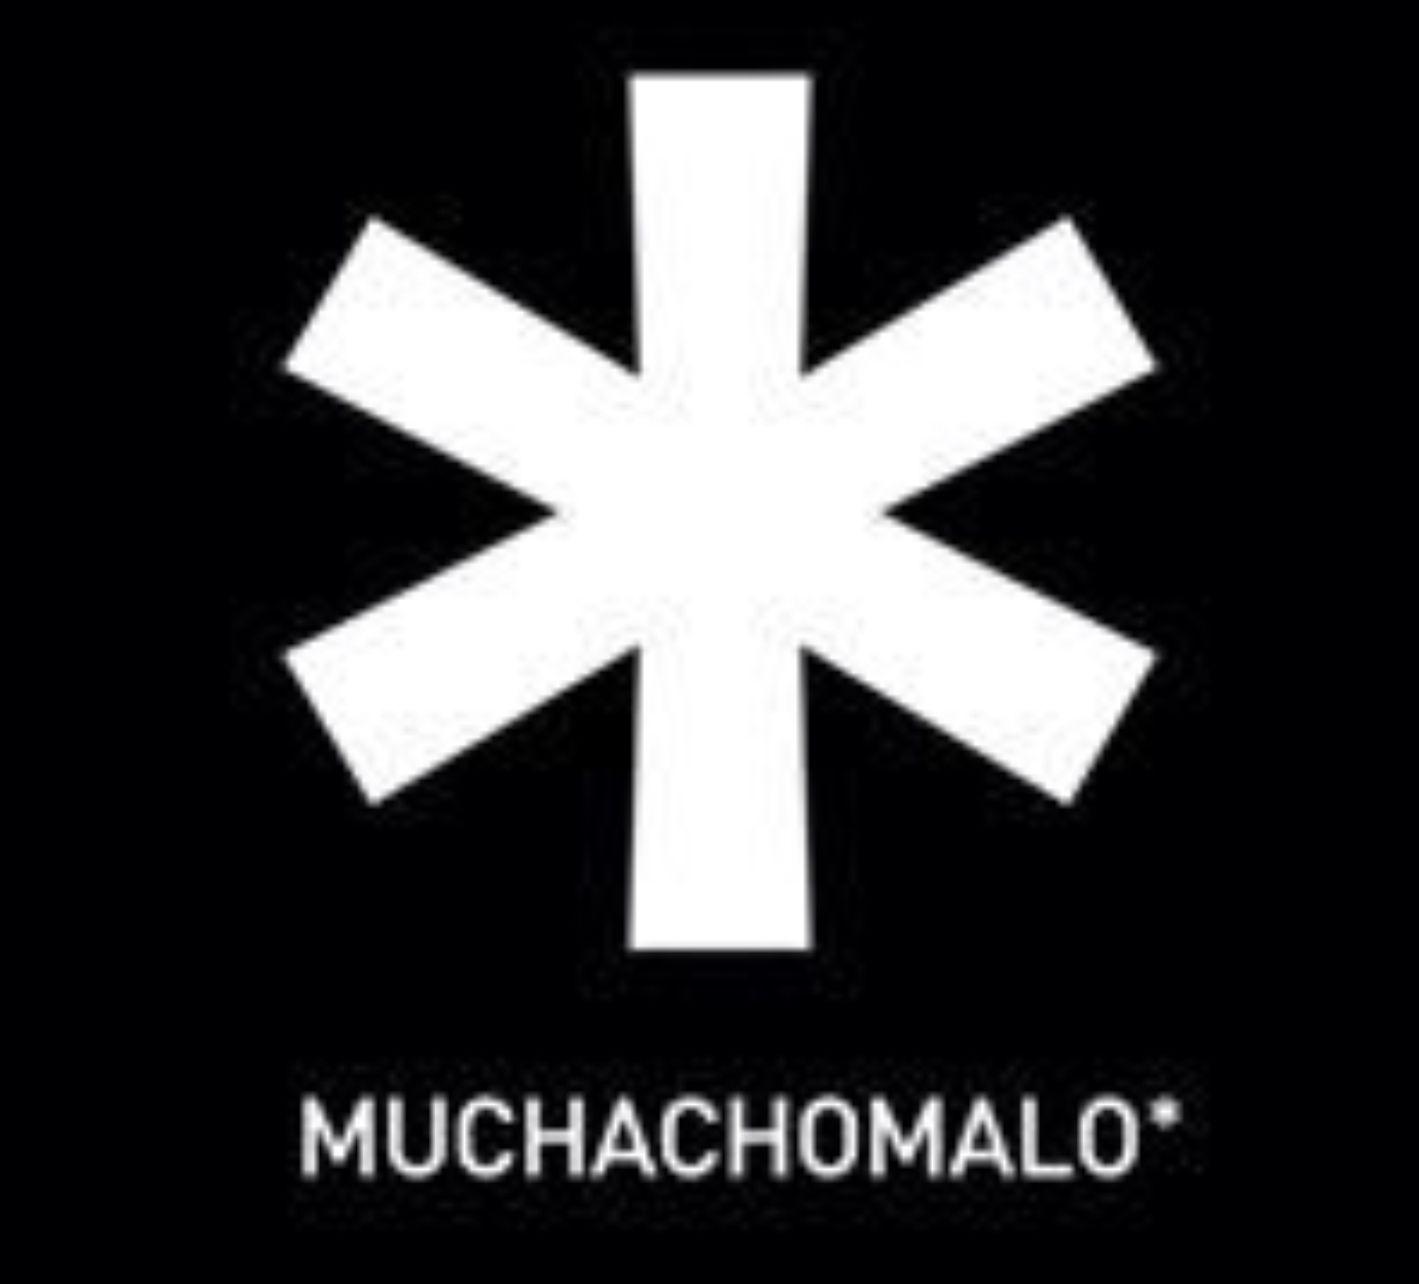 Nu 20% studentenkorting bij Muchachomalo (ook sale)